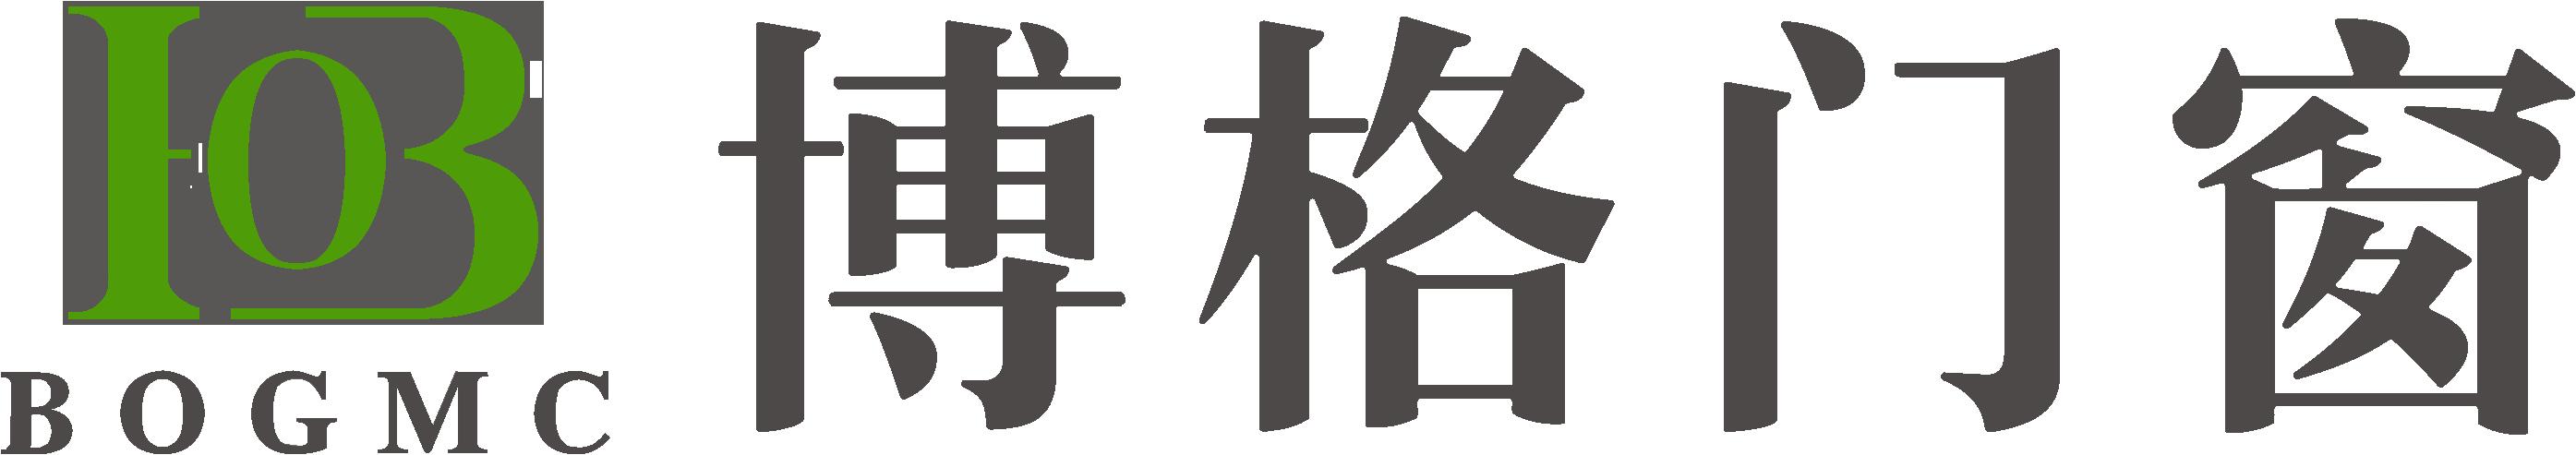 越南彩票博格【越南彩票】有限公司